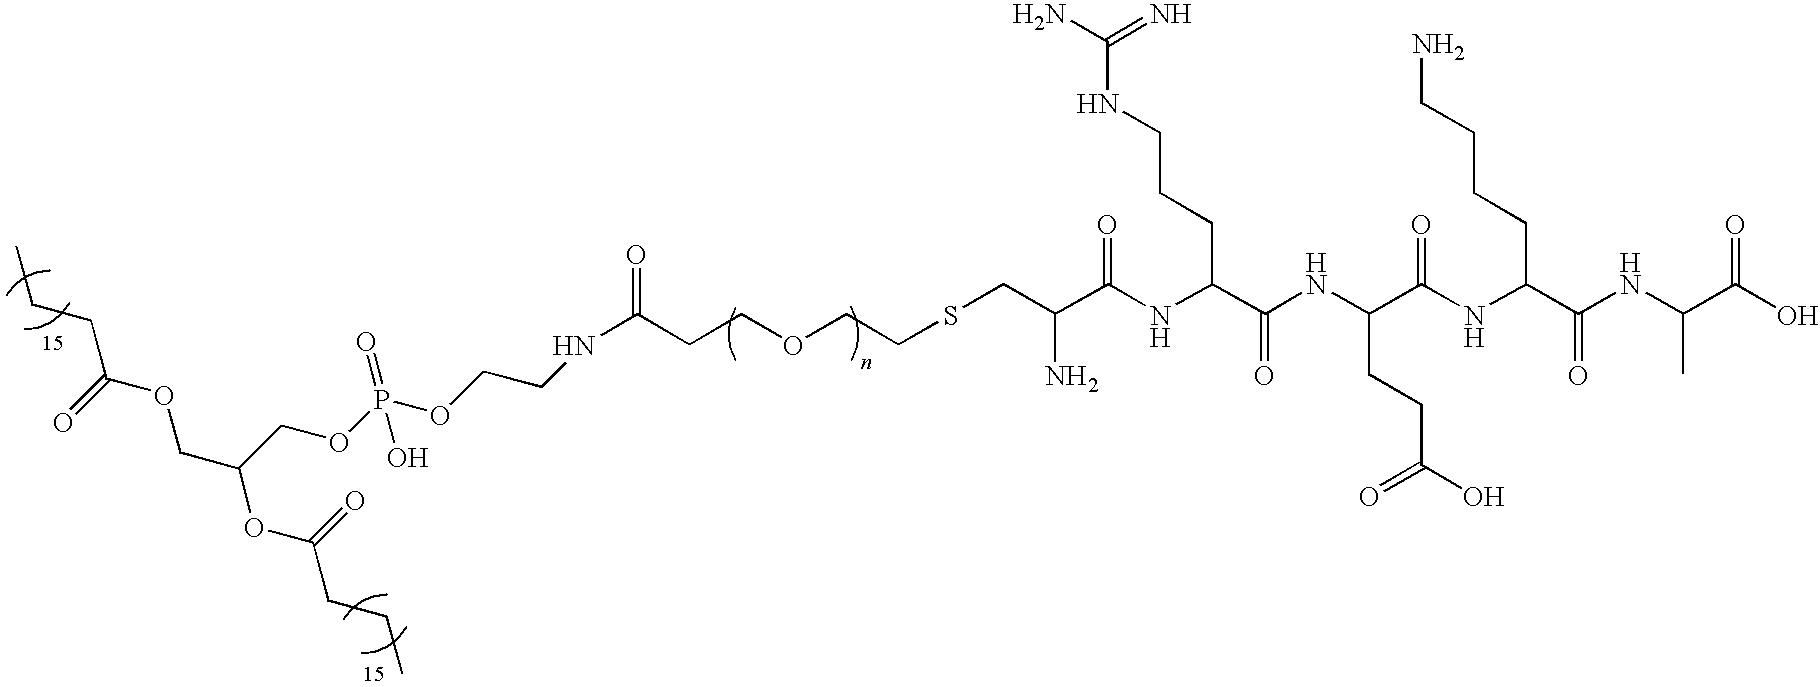 Figure US20090074828A1-20090319-C00002